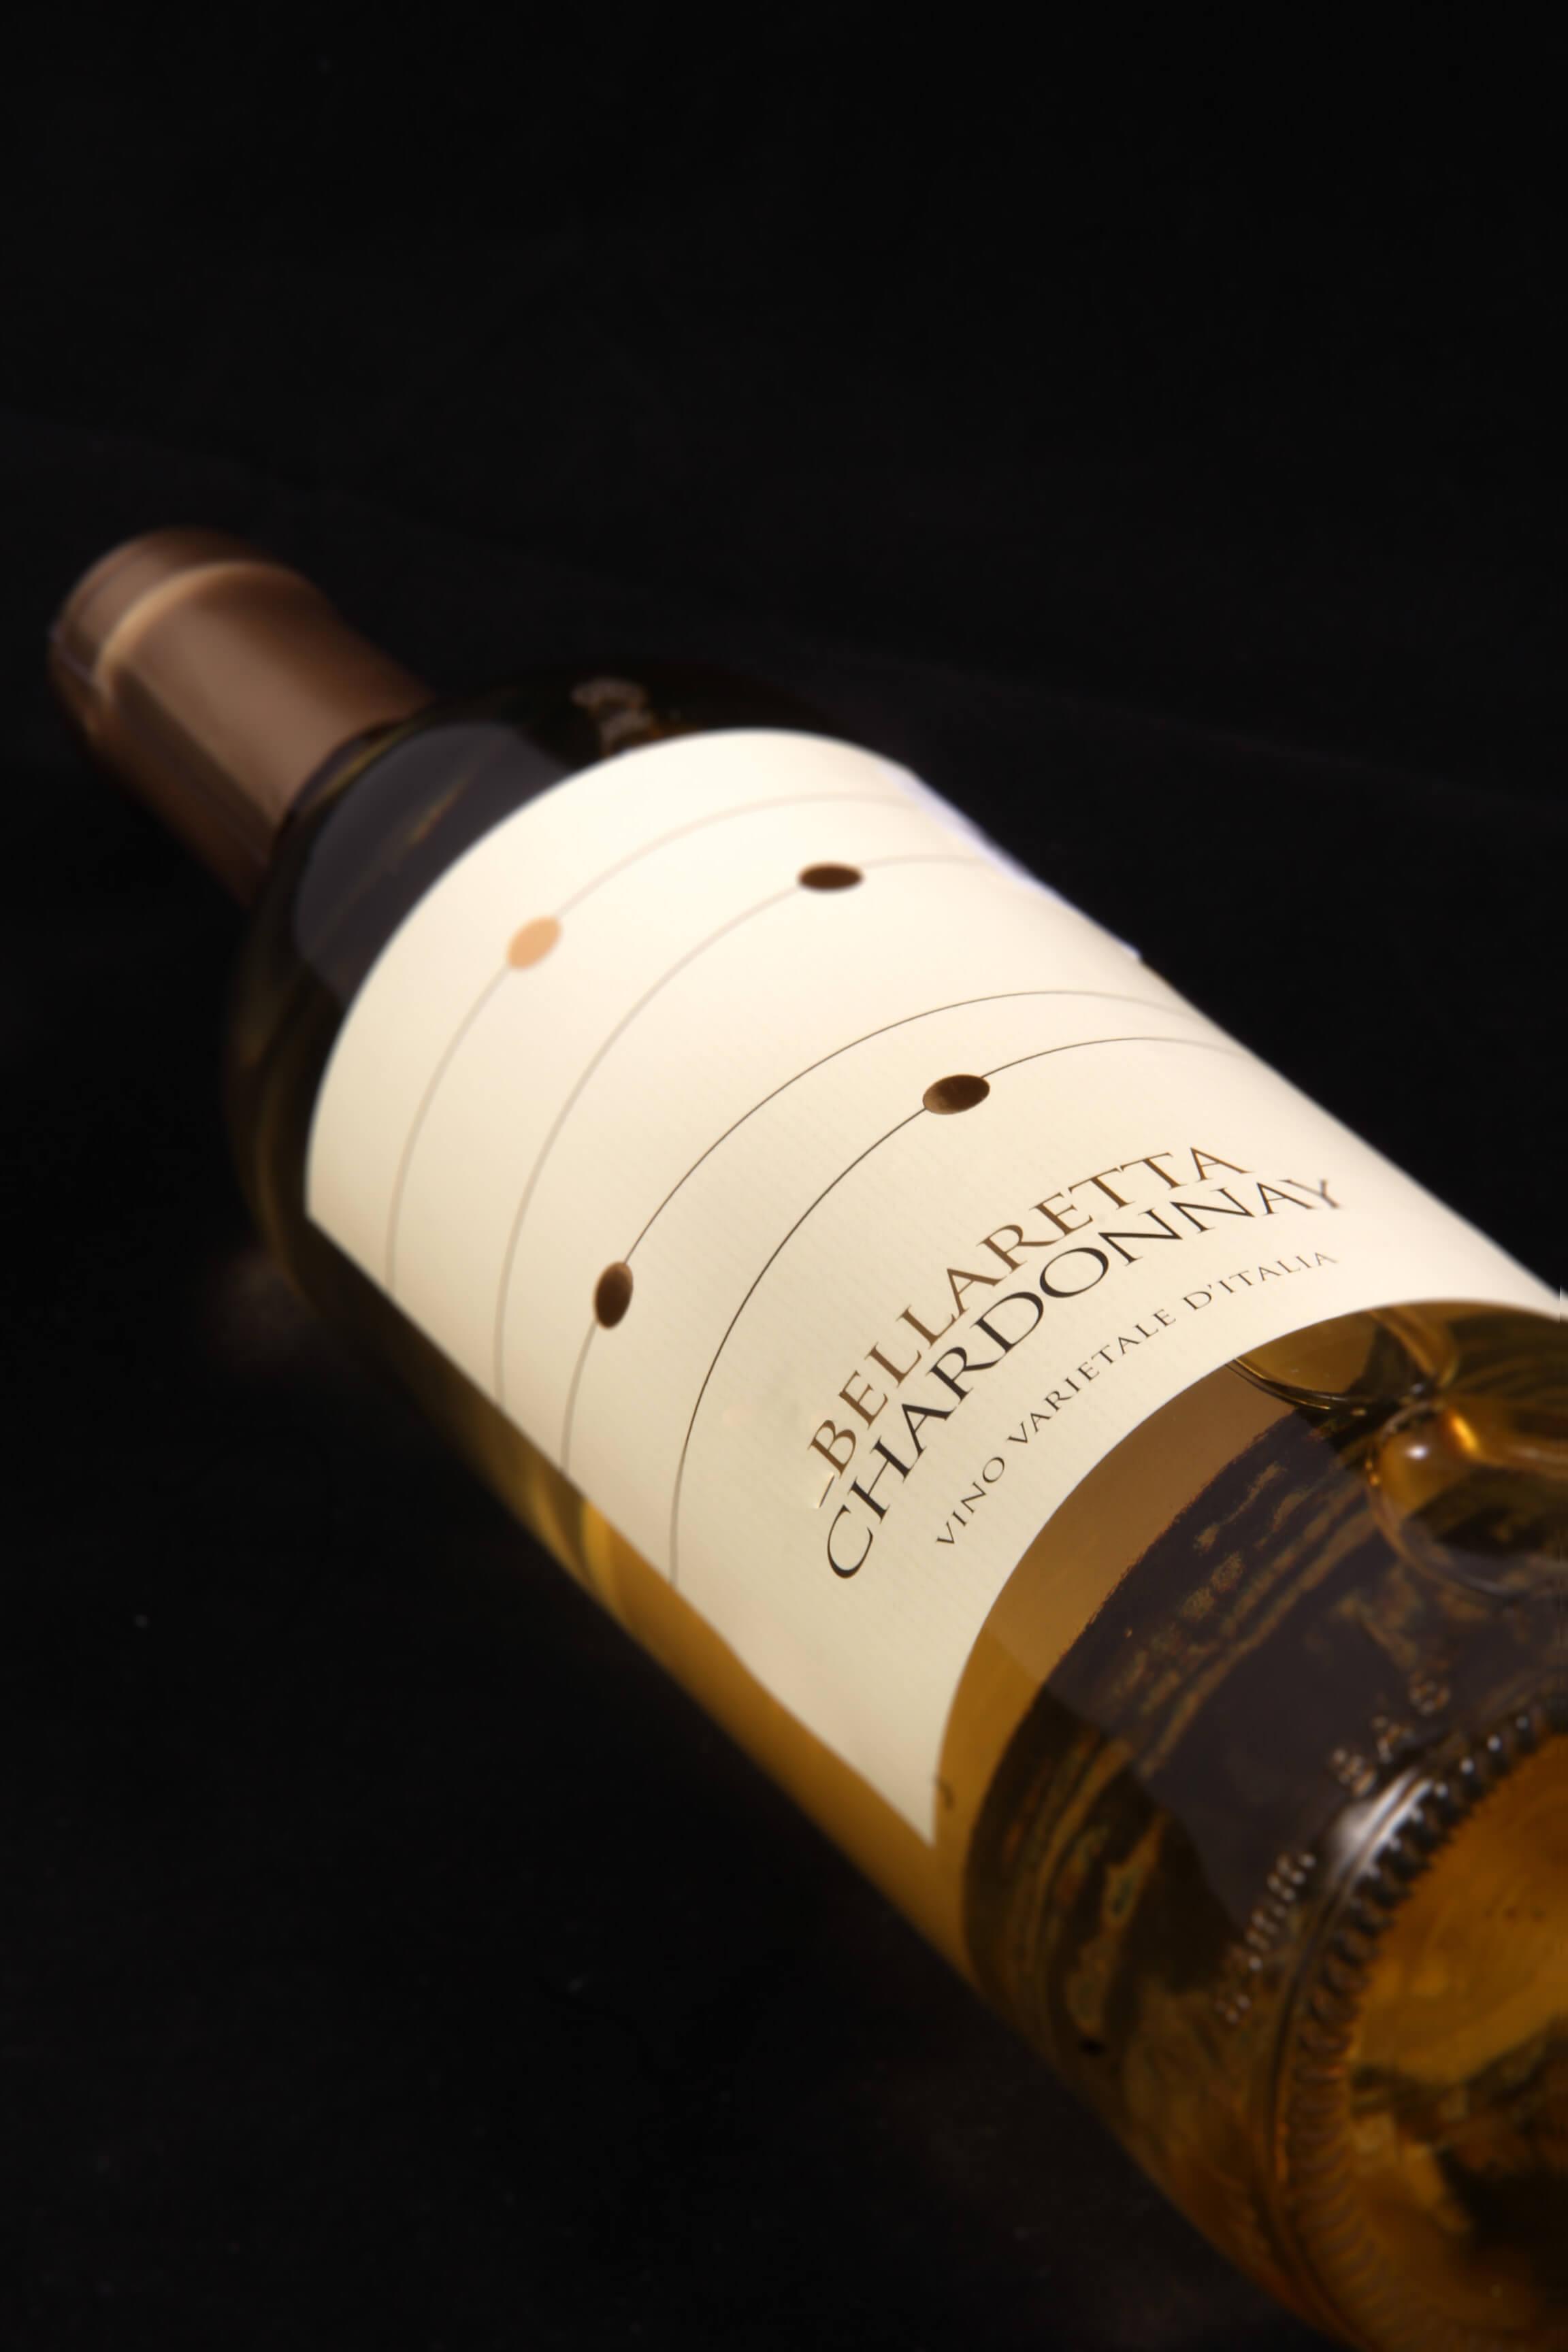 vino_nostrum-importadora_de_vinos_y_alimentos_ok15